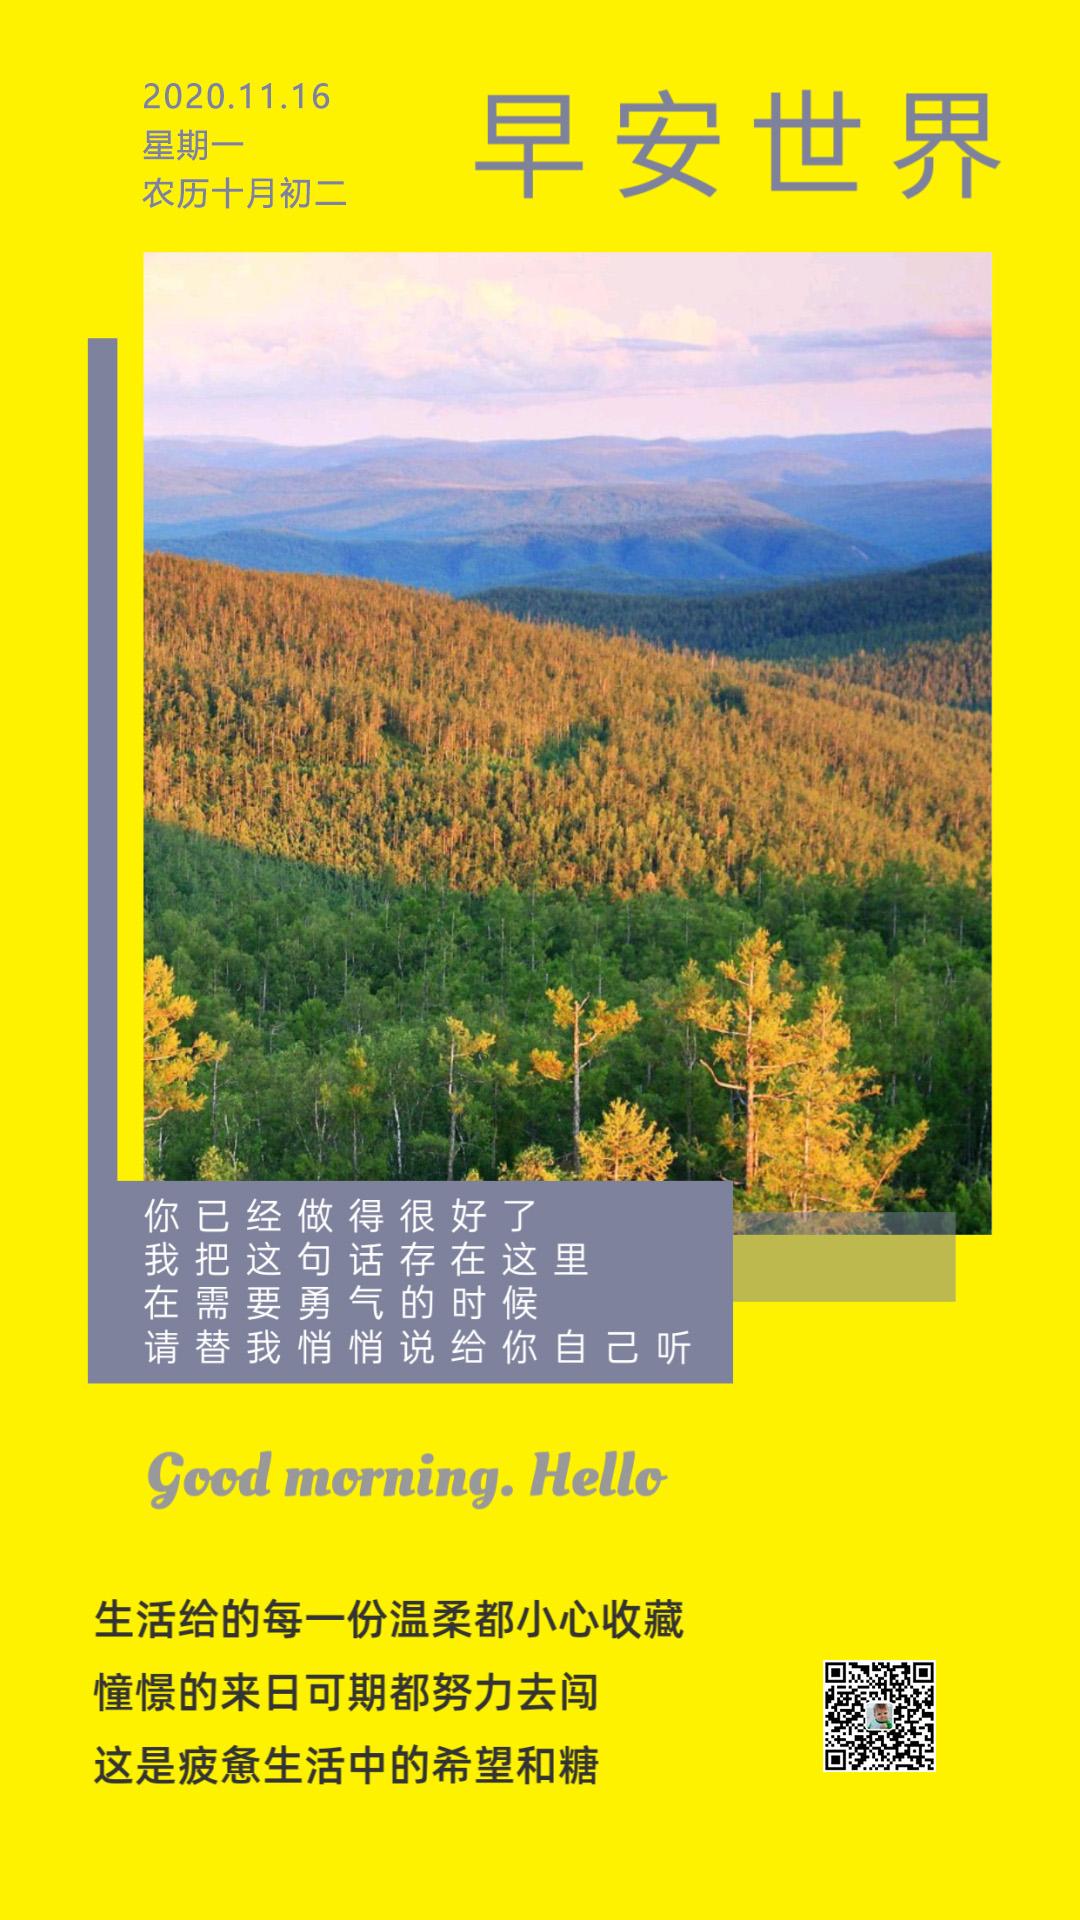 新一周早上好正能量励志图片带字问候